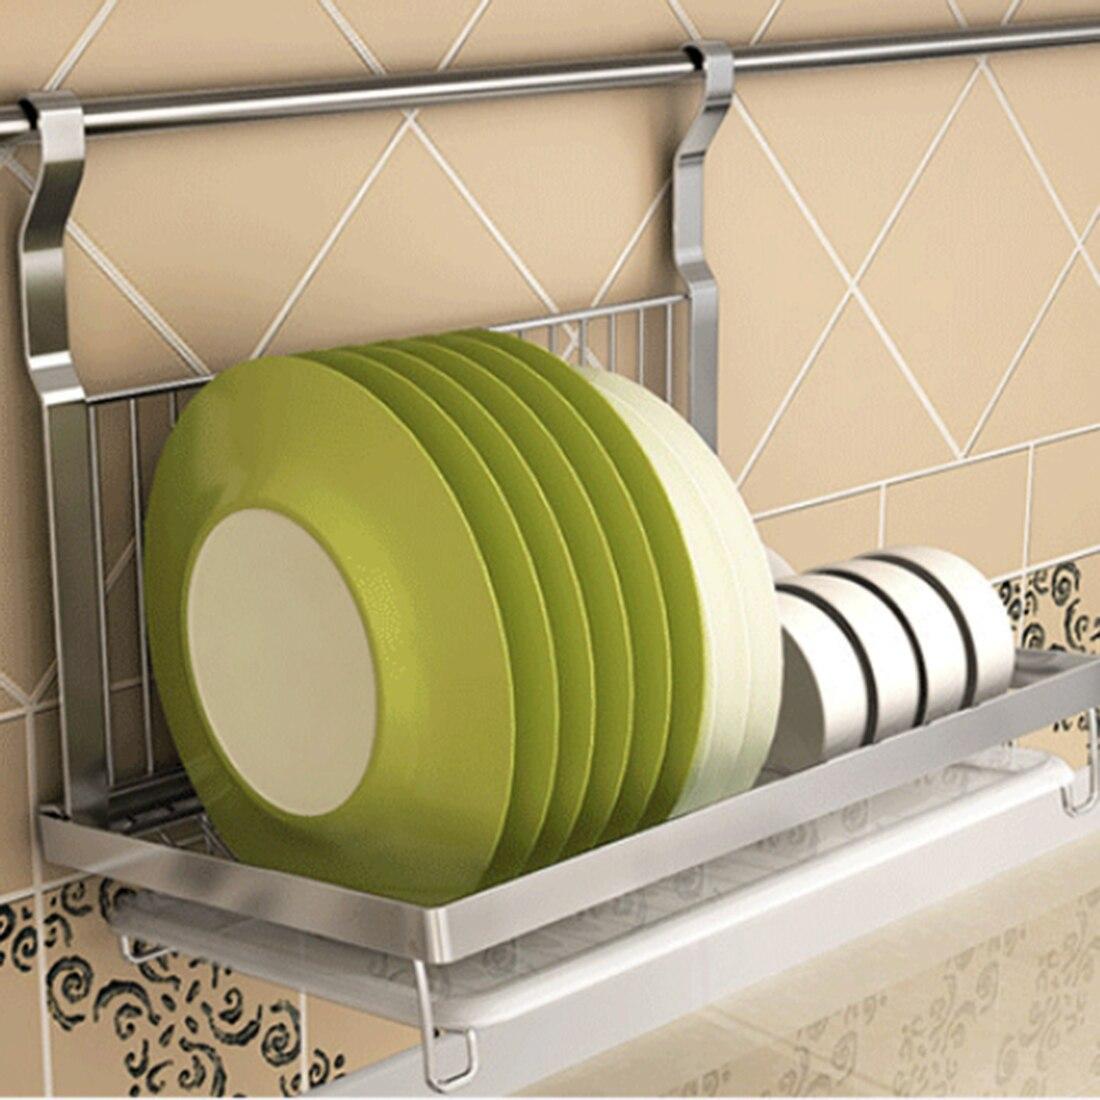 Etagère à vaisselle suspendue pliante en acier inoxydable égouttoir à cuvette assiettes organisateur vaisselle de cuisine etagère organisateur de cuisine